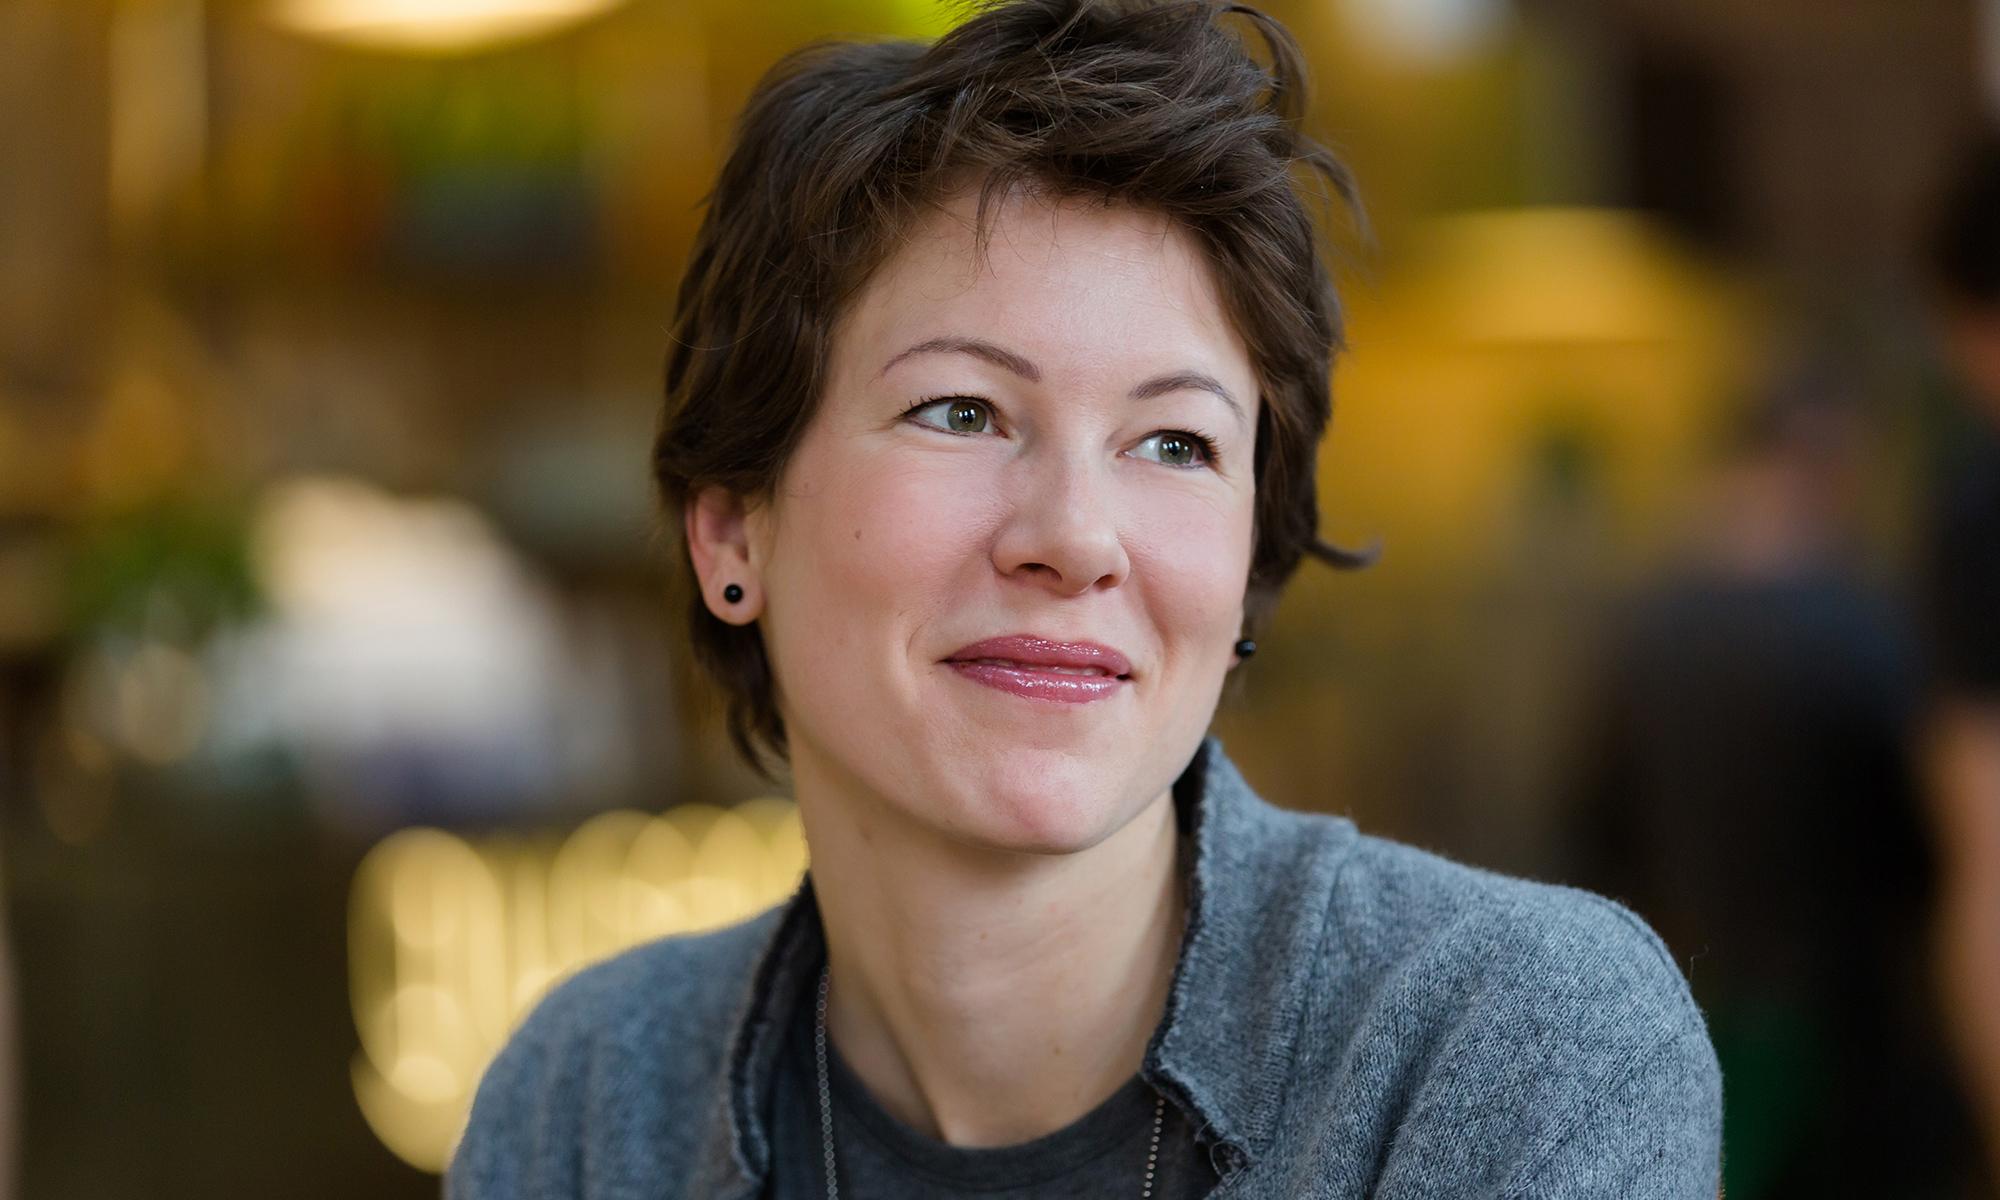 Nina Giglberger